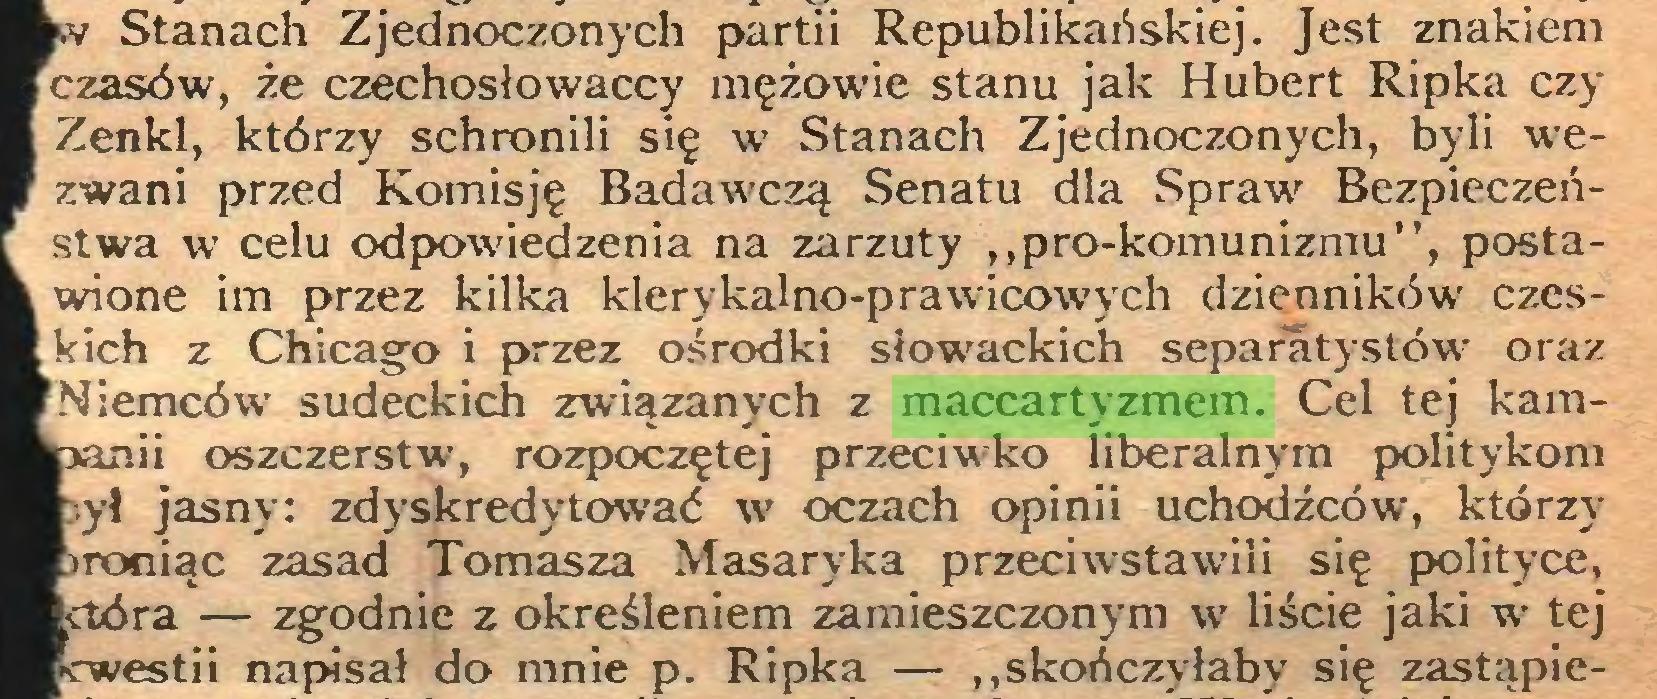 """(...) v Stanach Zjednoczonych partii Republikańskiej. Jest znakiem czasów, że czechosłowaccy mężowie stanu jak Hubert Ripka czy Zenkl, którzy schronili się w Stanach Zjednoczonych, byli wezwani przed Komisję Badawczą Senatu dla Spraw Bezpieczeństwa w celu odpowiedzenia na zarzuty ,,pro-komunizmu"""", postawione im przez kilka klerykalno-prawicowych dzienników czeskich z Chicago i przez ośrodki słowackich separatystów oraz Niemców sudeckich związanych z maccartyzmem. Cel tej kamoszczerstw, rozpoczętej przeciwko liberalnym politykom ył jasny: zdyskredytować w oczach opinii uchodźców, którzy roniąc zasad Tomasza Masaryka przeciwstawili się polityce, ra — zgodnie z określeniem zamieszczonym w liście jaki w tej estii napisał do mnie p. Ripka — """"skończyłaby się zastąpie..."""